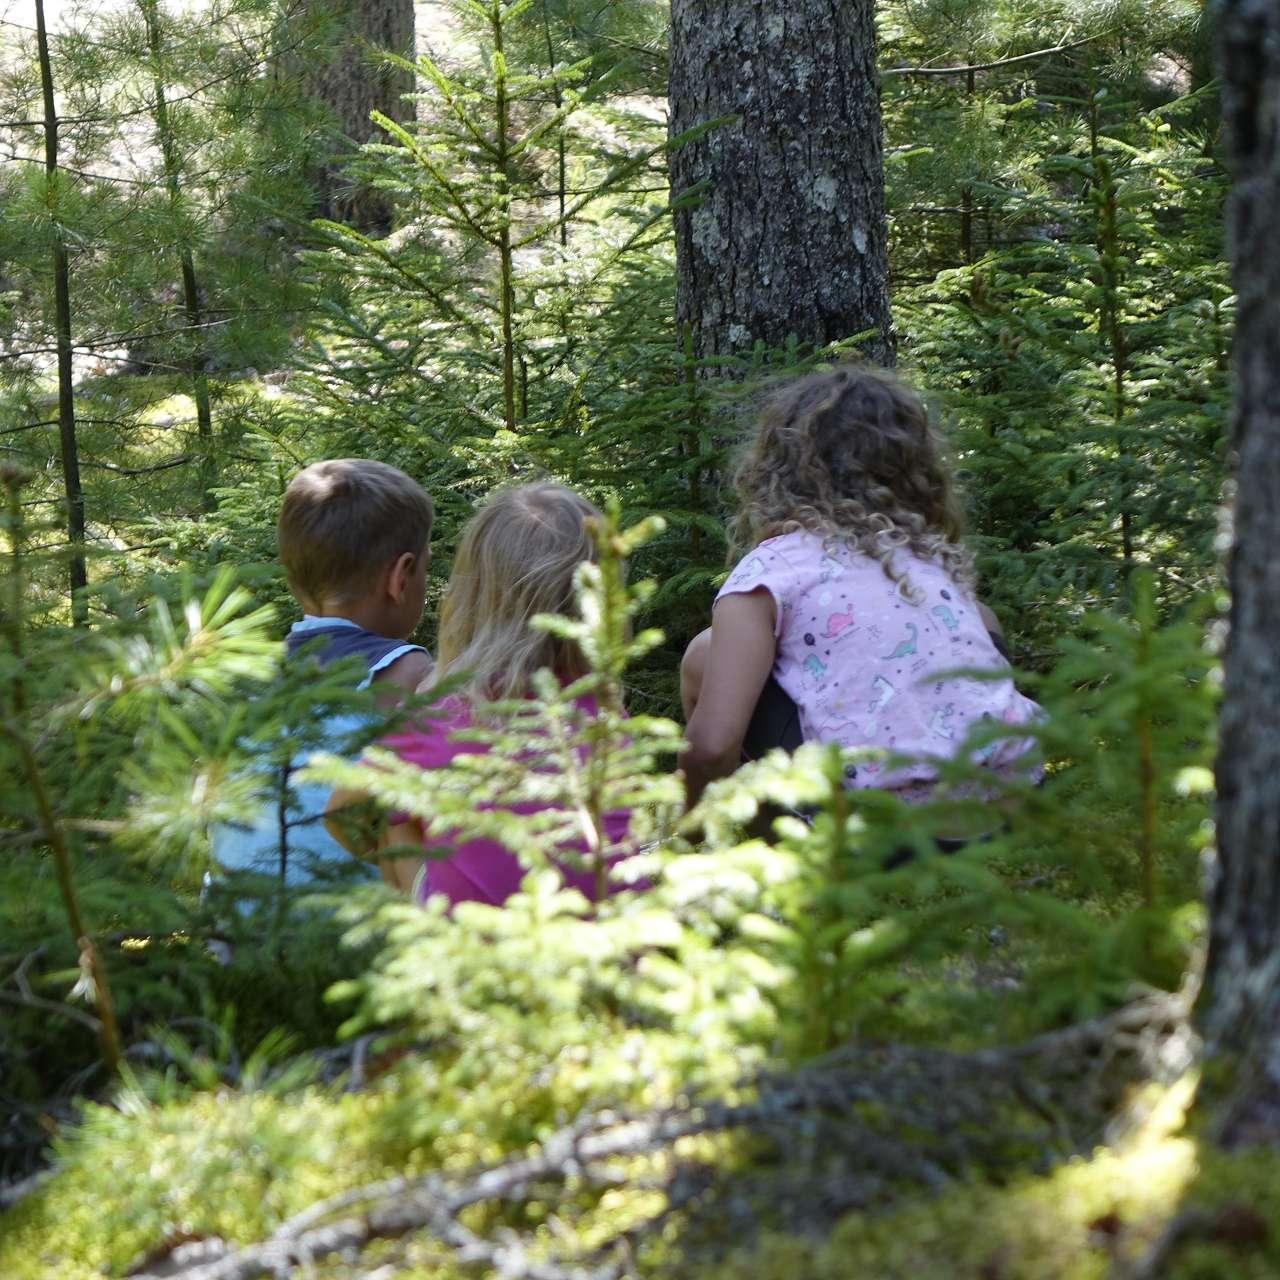 3 kinder spielen im Wald und entdecken etwas